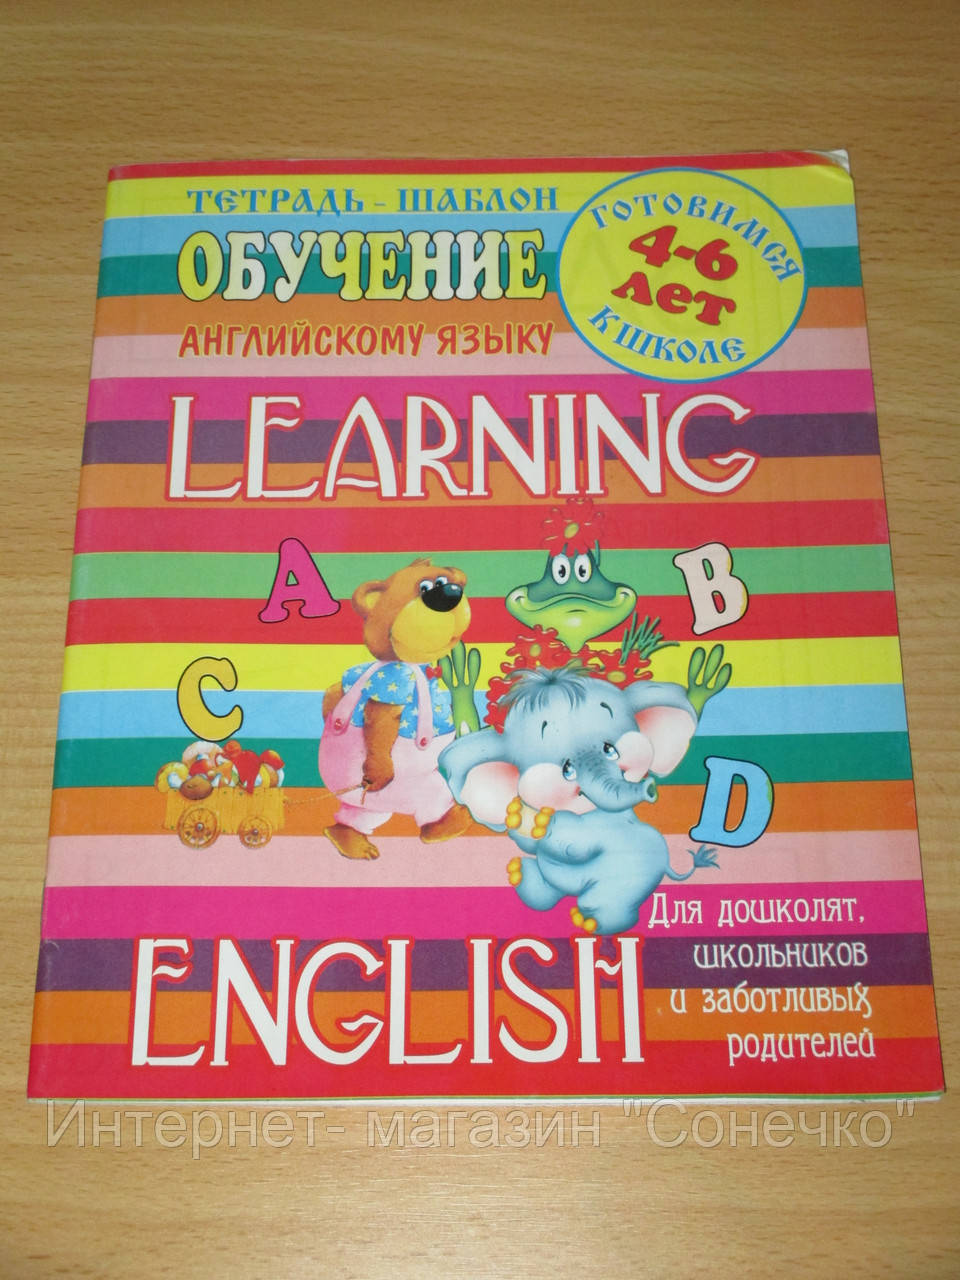 Картинки по английскому языку для презентации 15